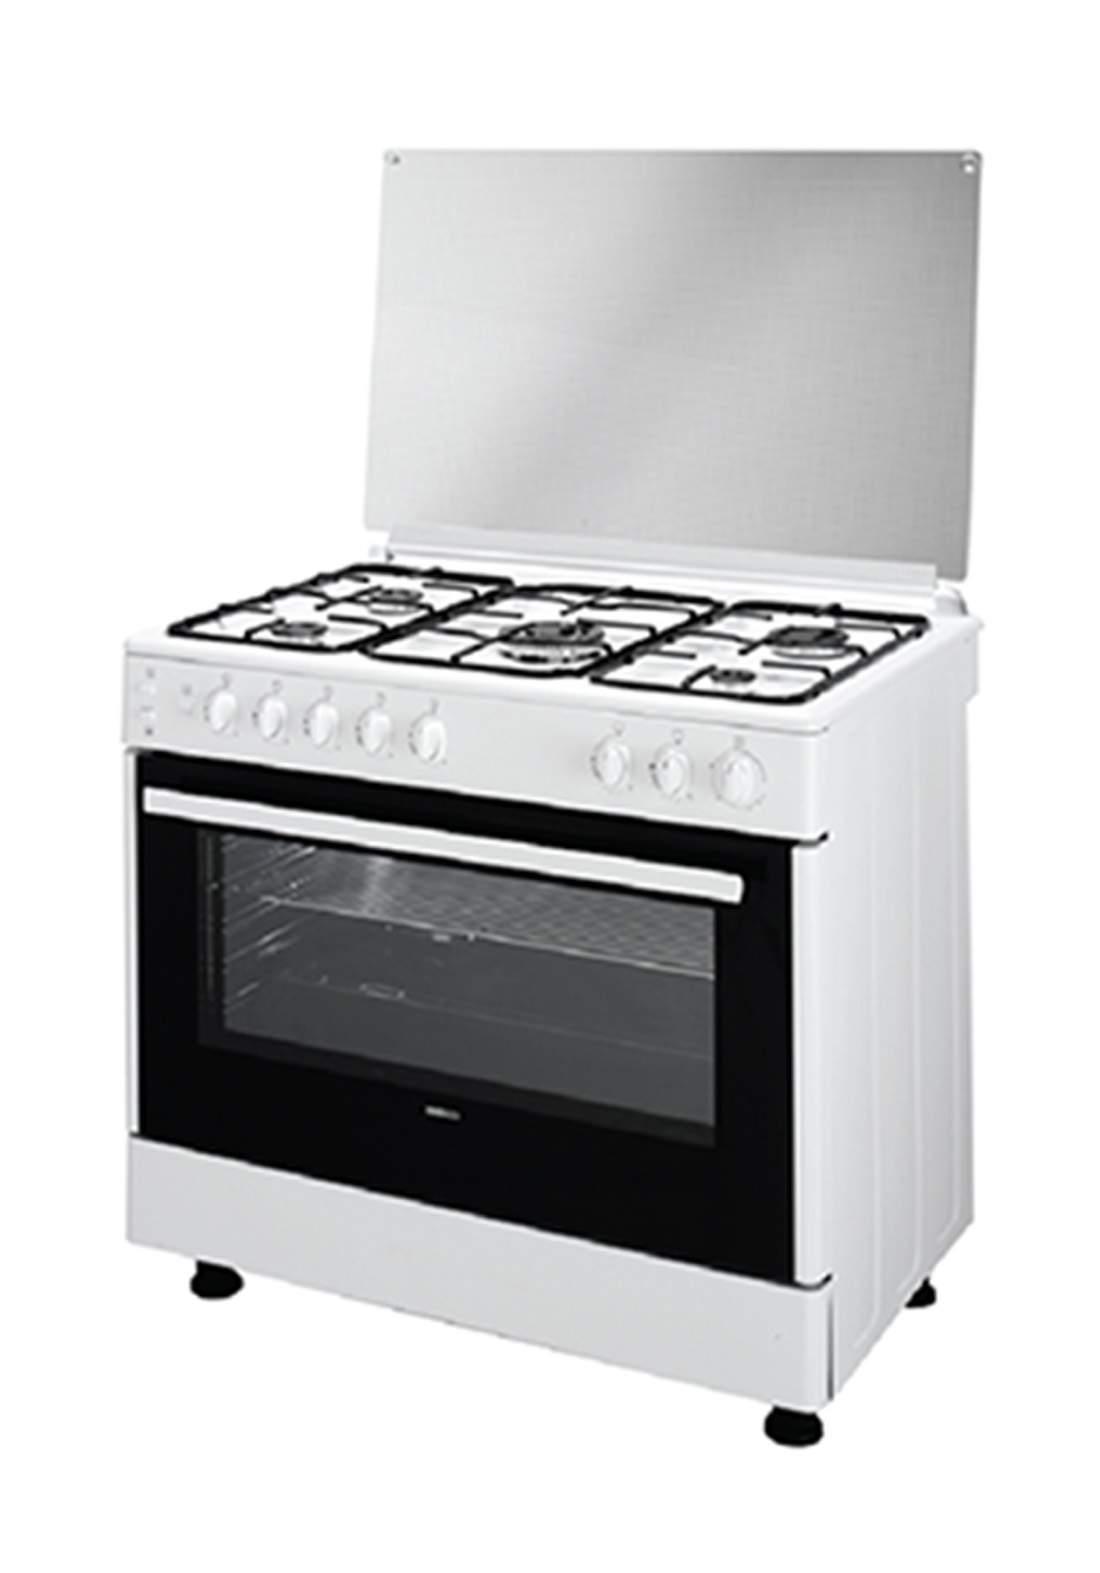 BEKO ( GG 15113GW) 5 Burner Gas Cooker - White طباخ